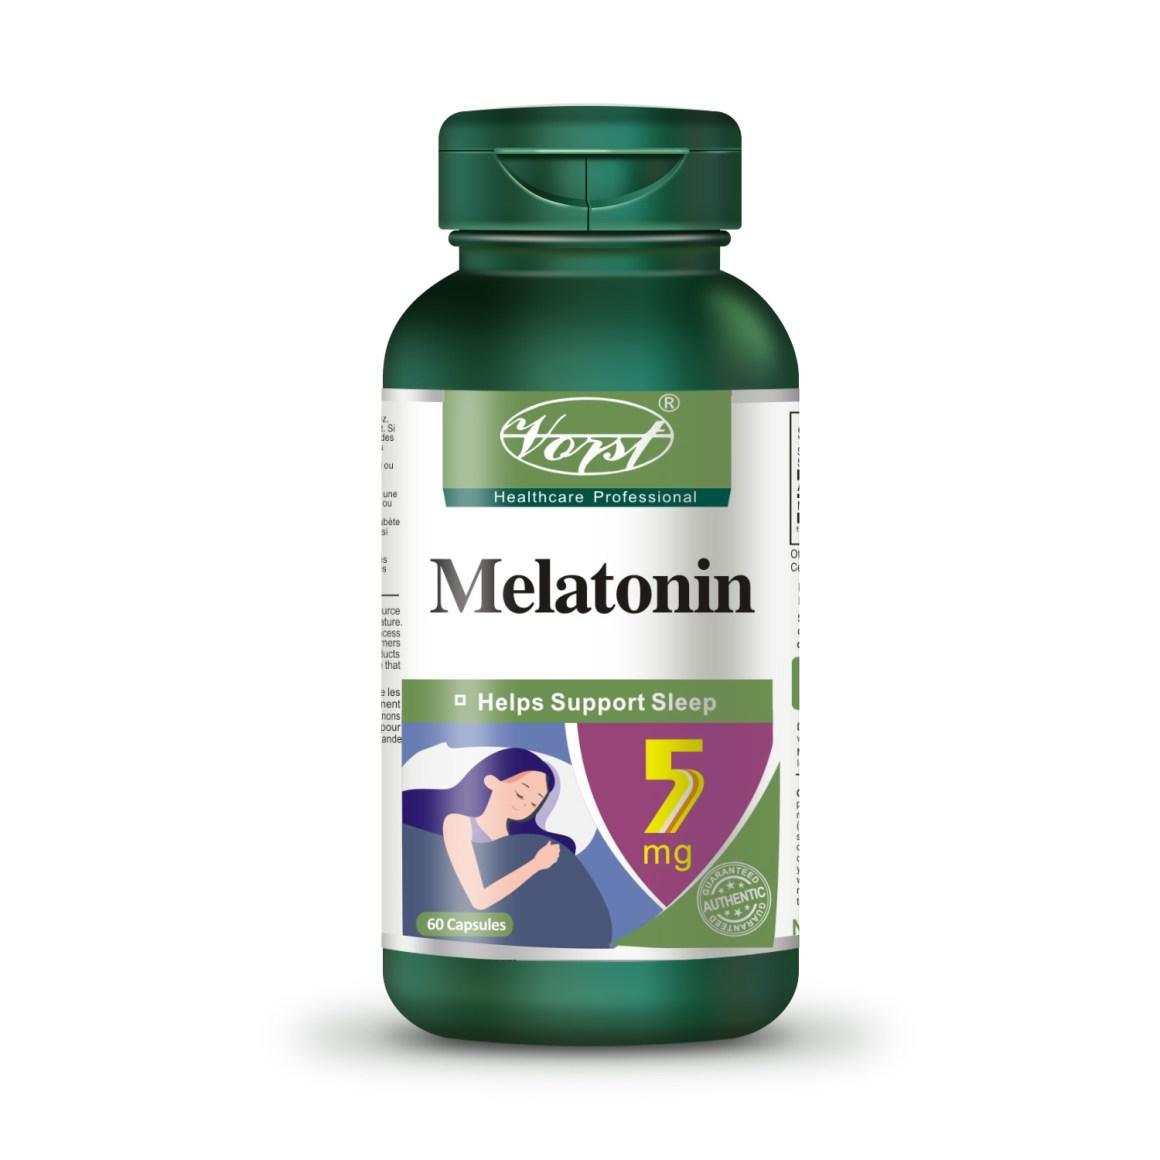 Melatonin 5mg 60 capsules bottle front